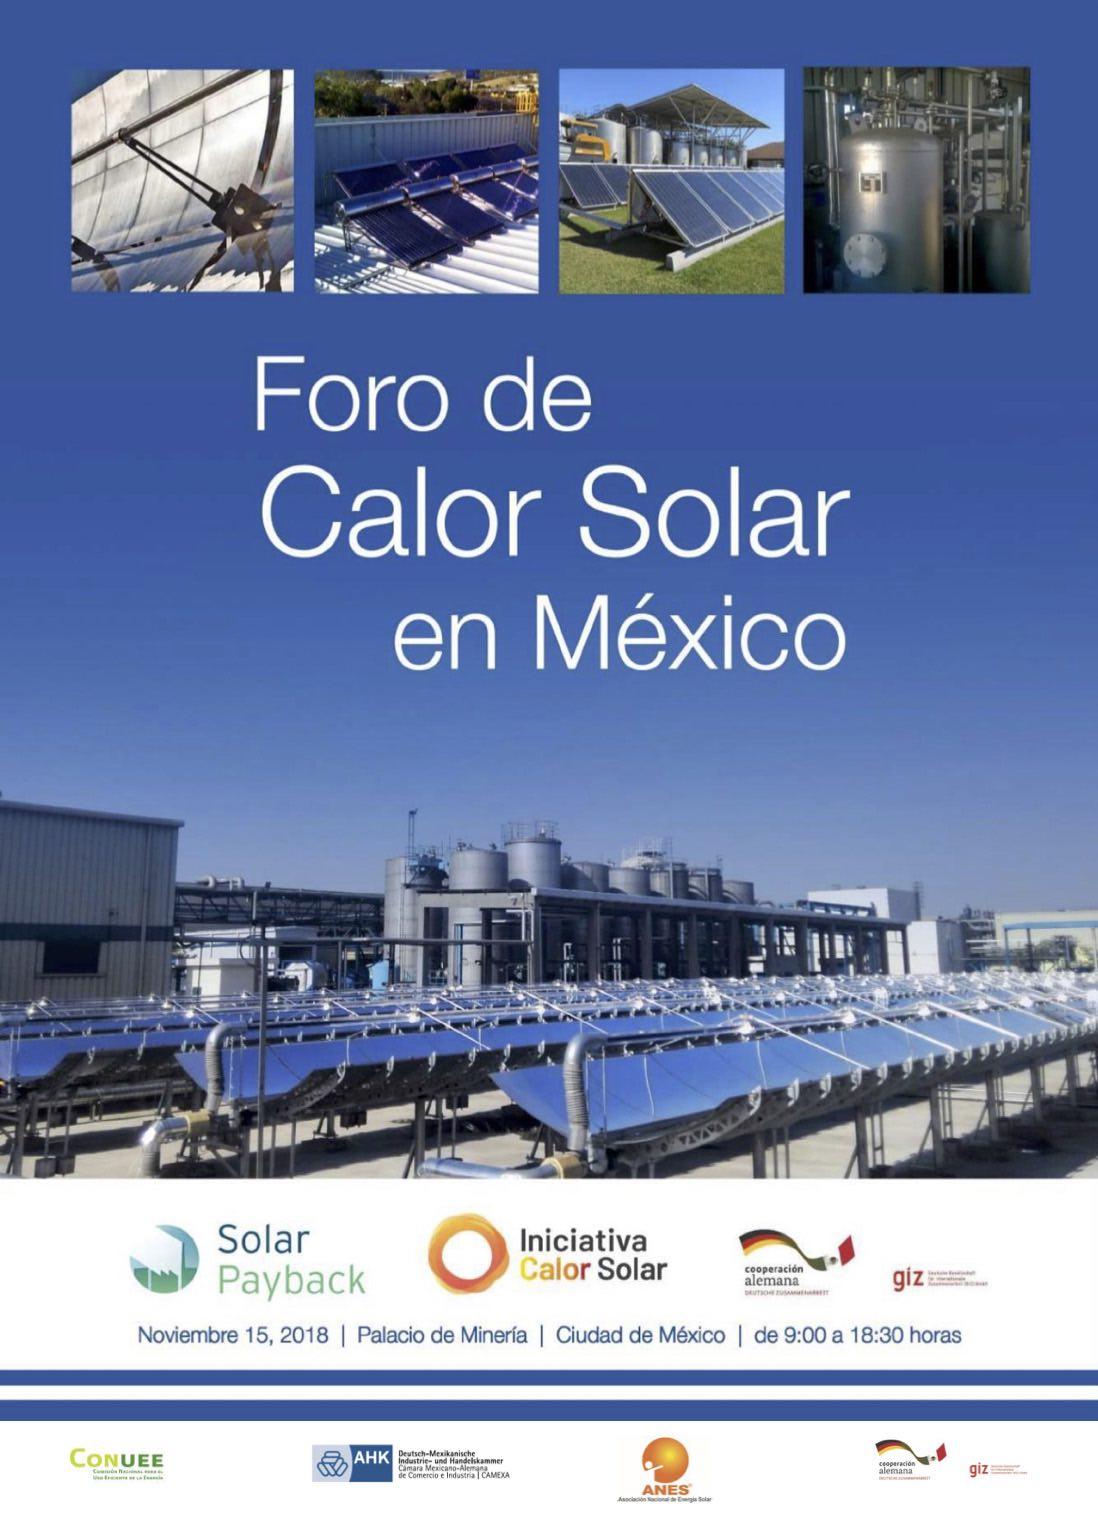 Agenda_Foro_de_Calor_Solar_en_Mexico_Poster